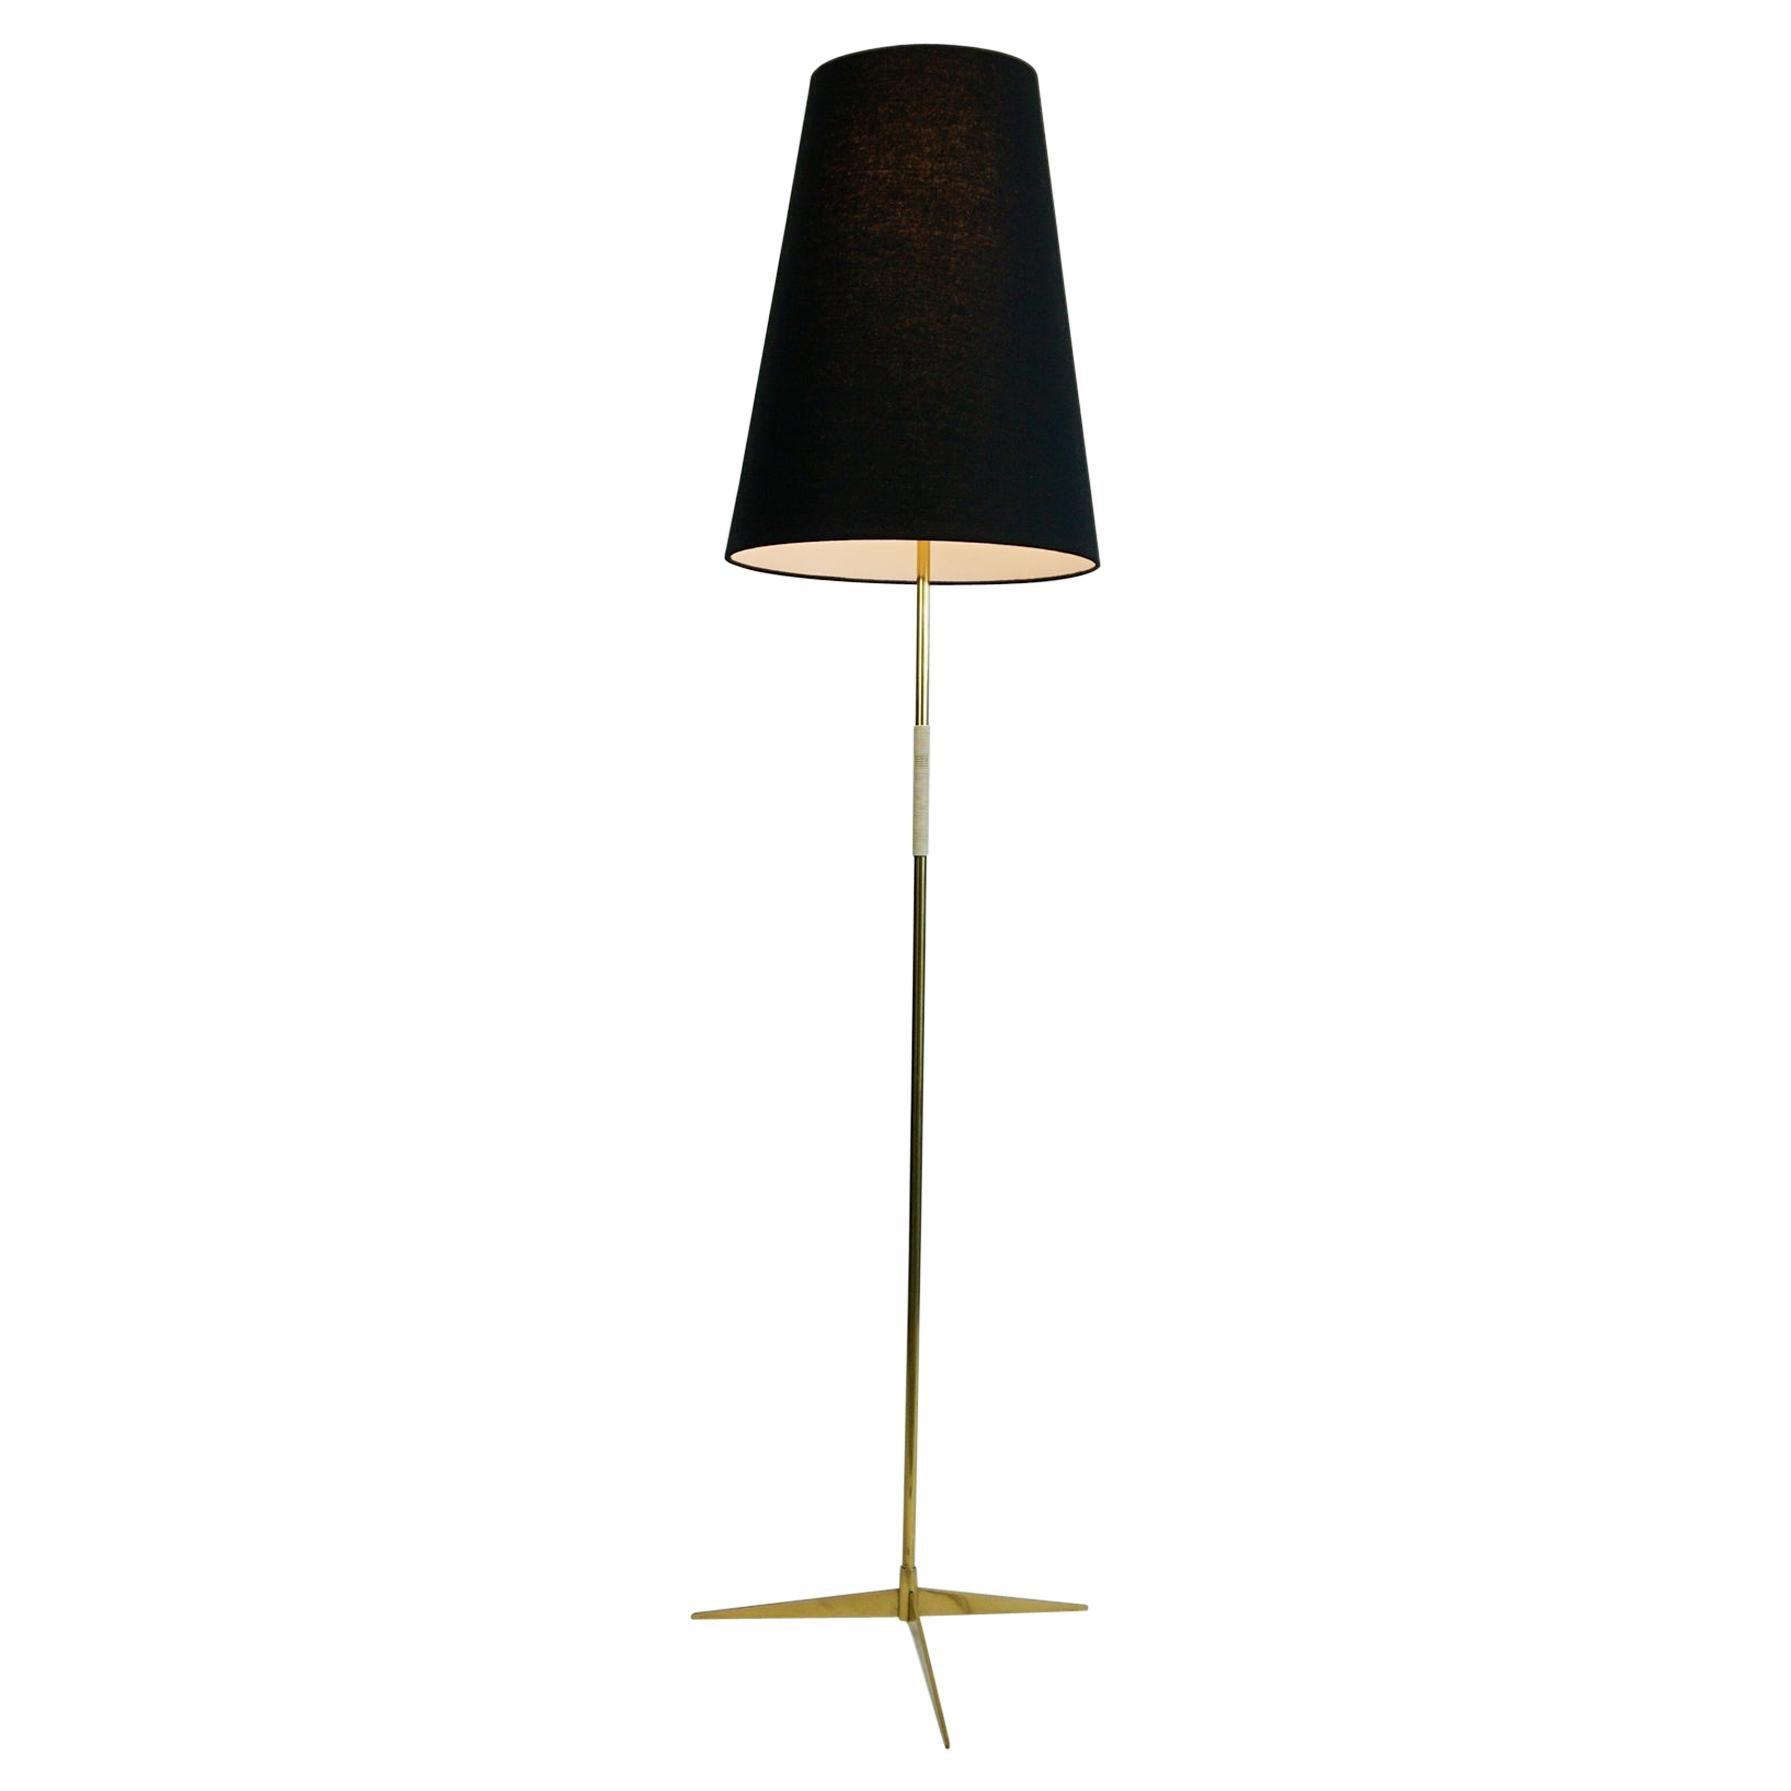 J.T. Kalmar Floor Lamps